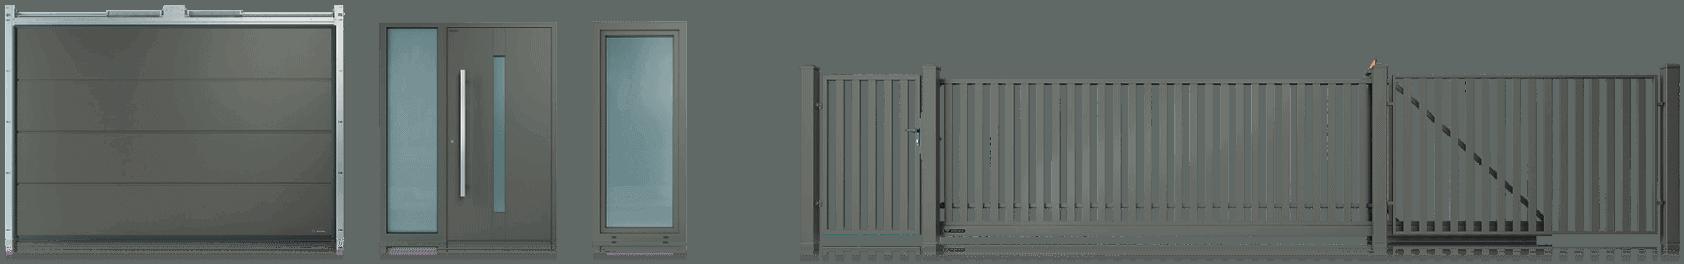 Slika prikazuje ograjni sistem v barvi Hi brown stone